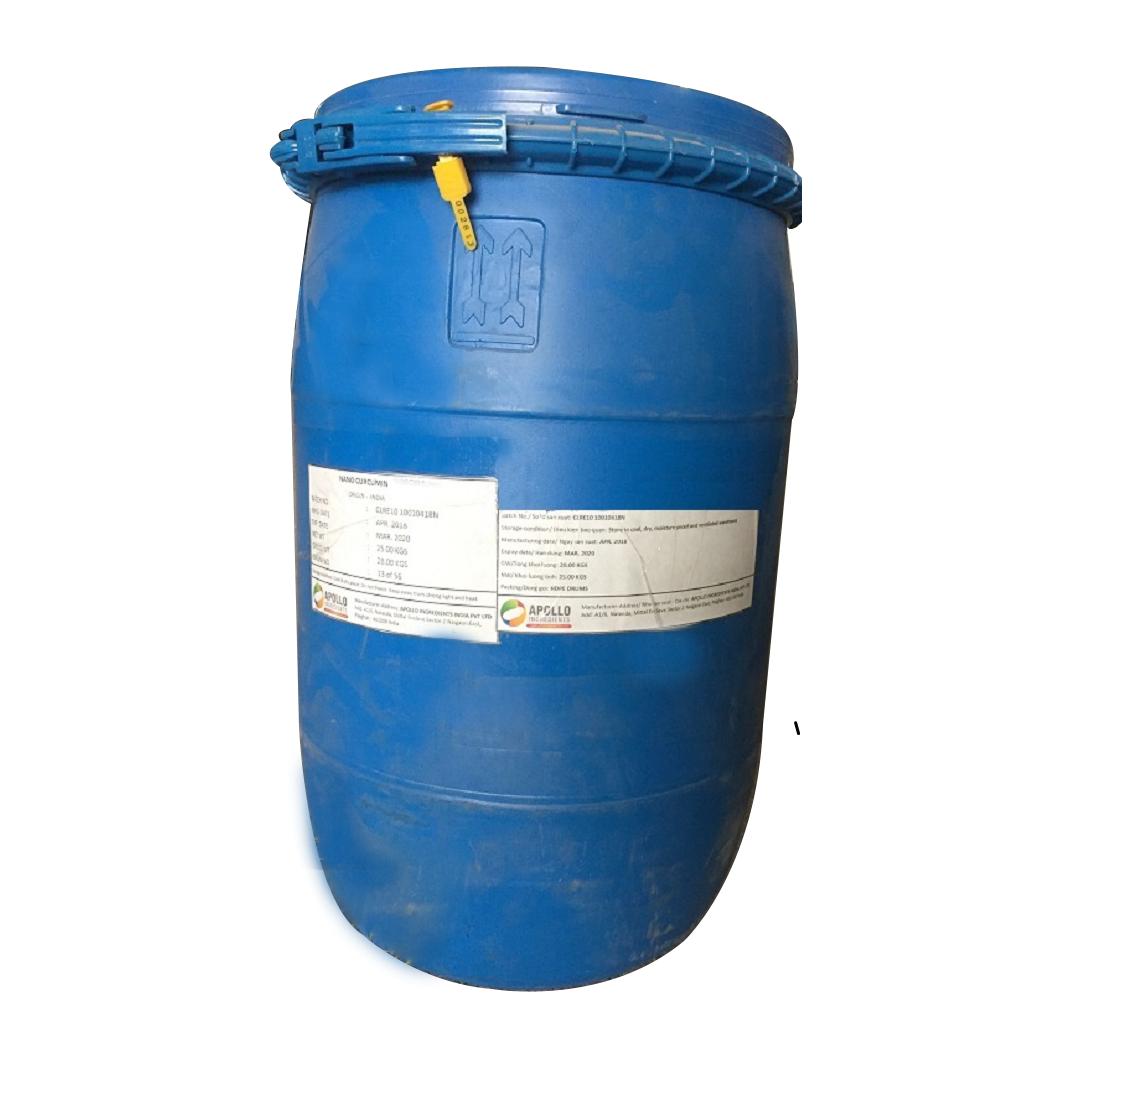 Curcumin C21H20O6 95%, Trung Quốc, 25kg/thùng